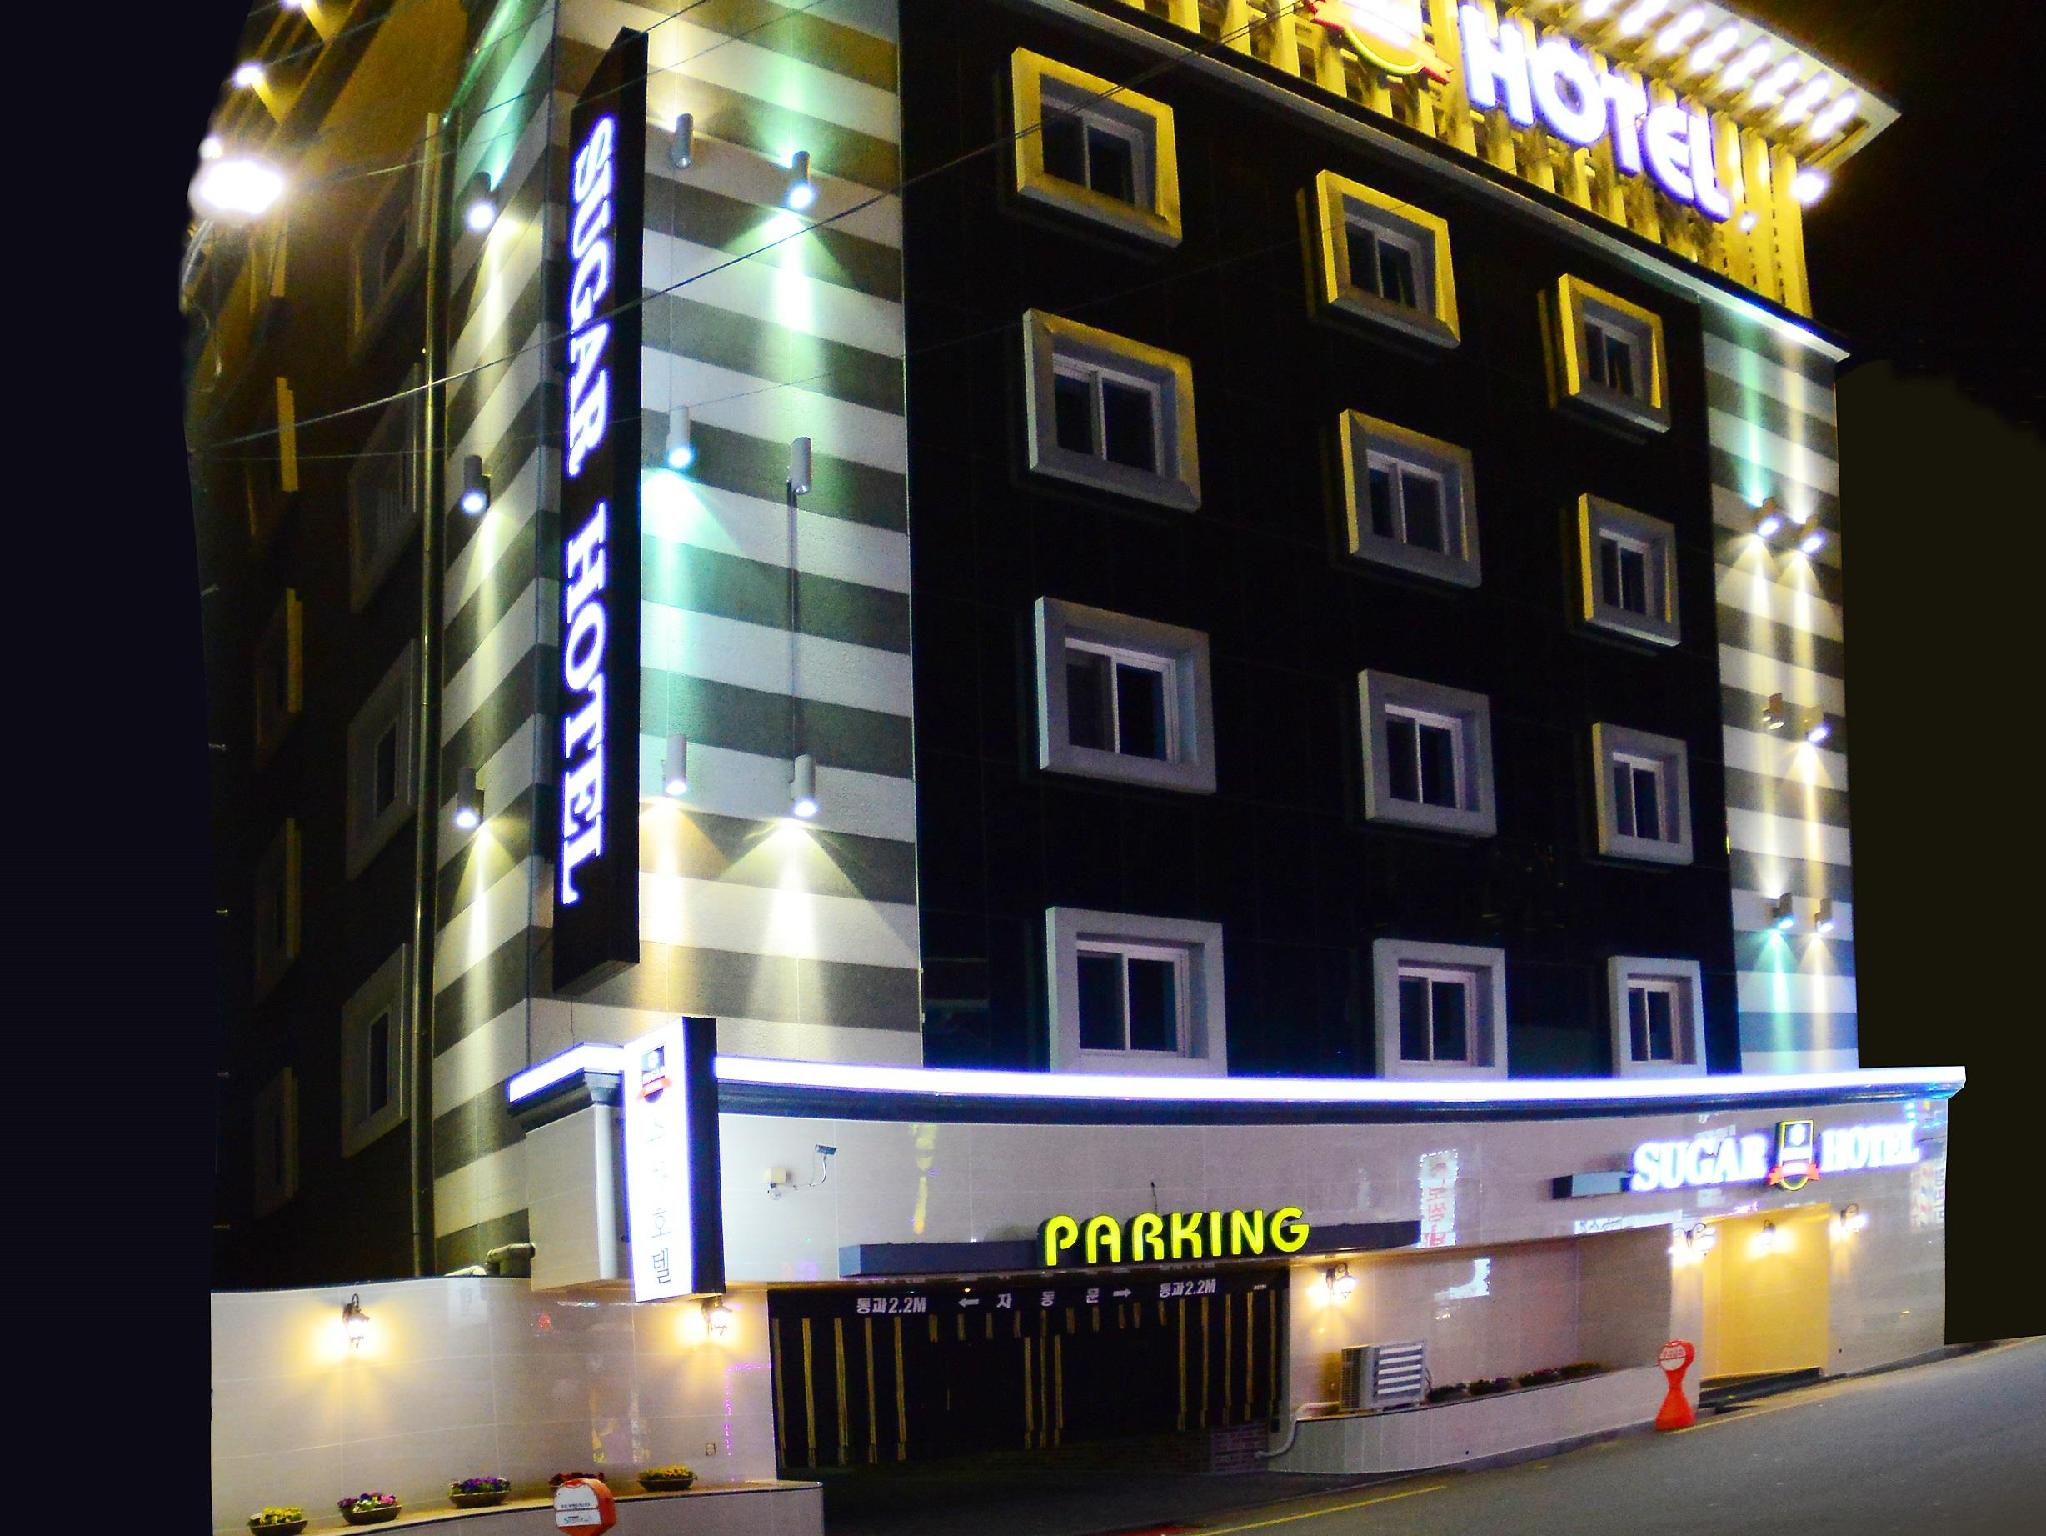 โรงแรม ซูการ์ โมเต็ล  (Sugar Motel)